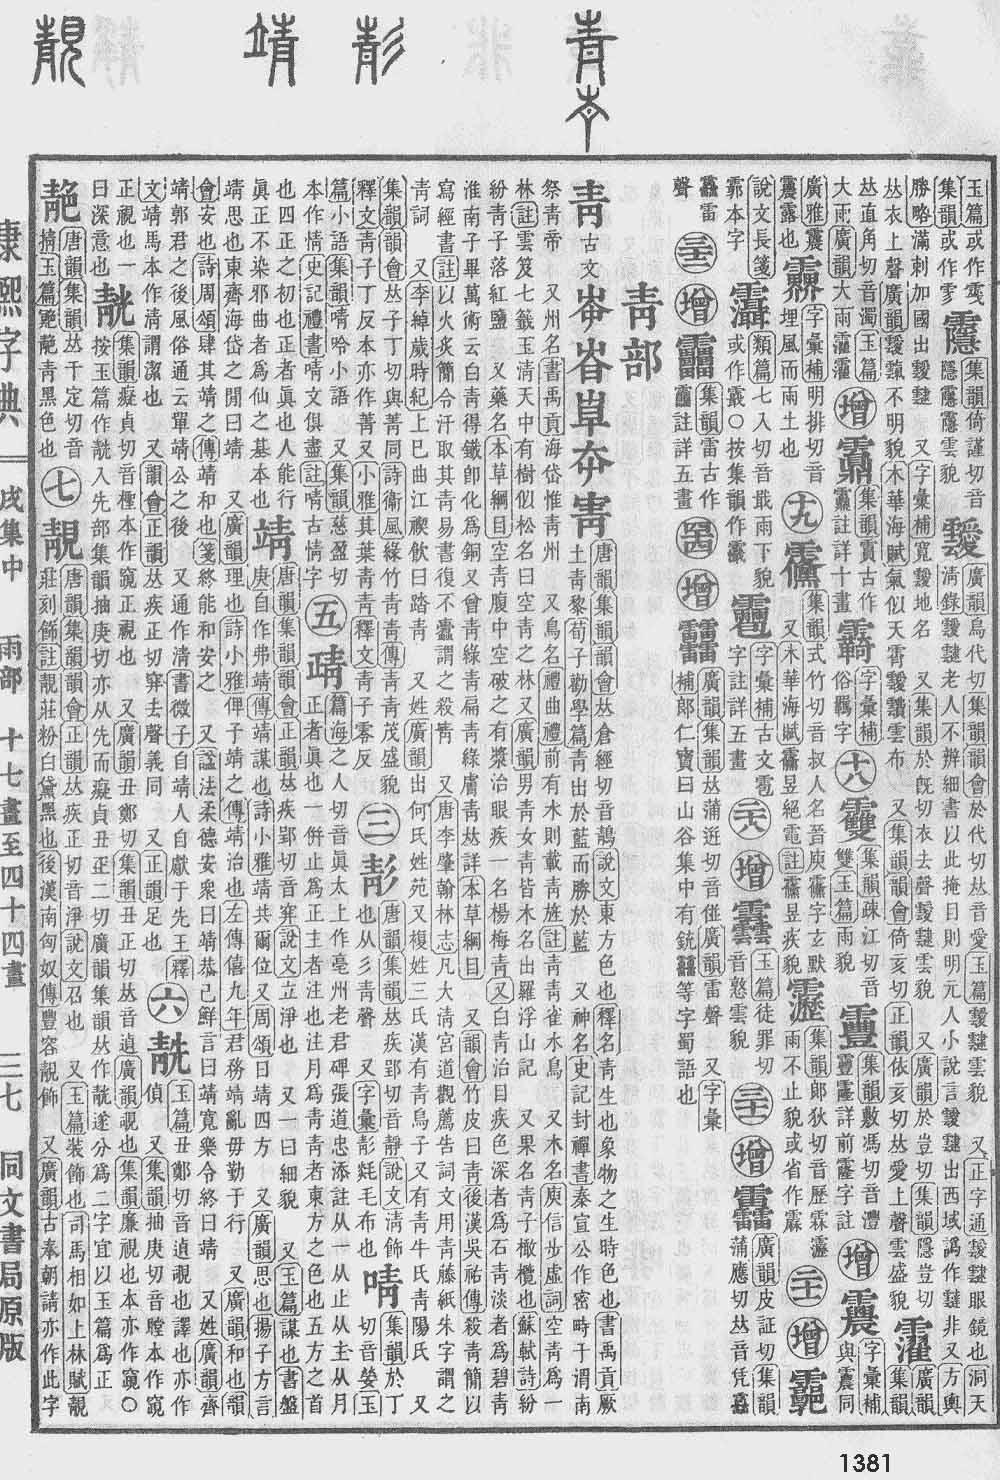 《康熙字典》第1381页